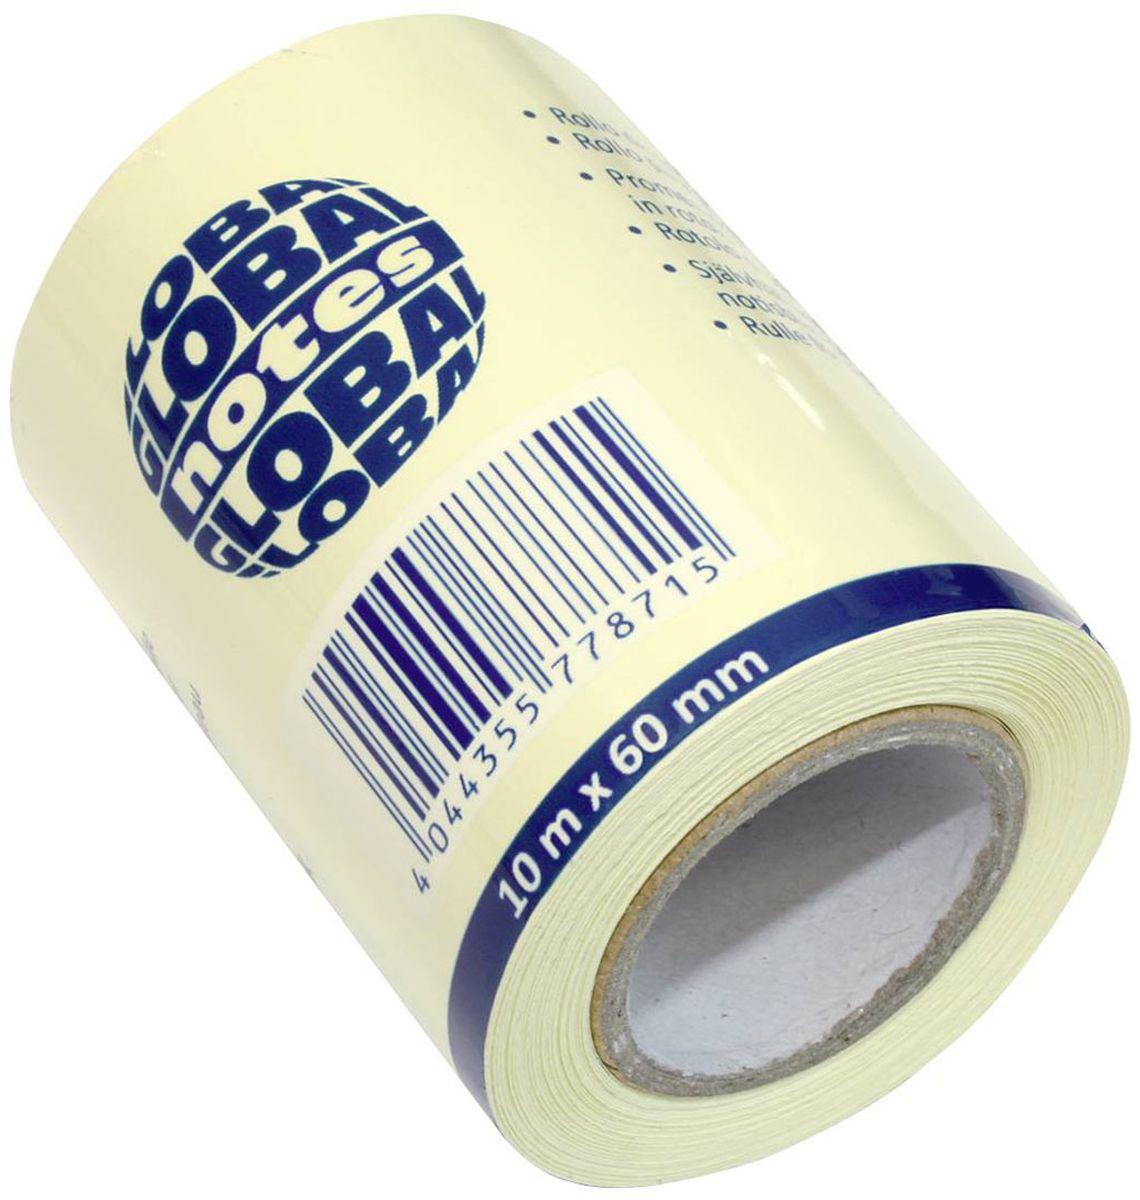 Global Notes Бумага для заметок с липким слоем цвет желтый 60 мм х 10 м 362001362001Бумага для заметок с липким слоем, разм. 60 мм х10 м, желтая, в роле, запасной блок для арт. 362401